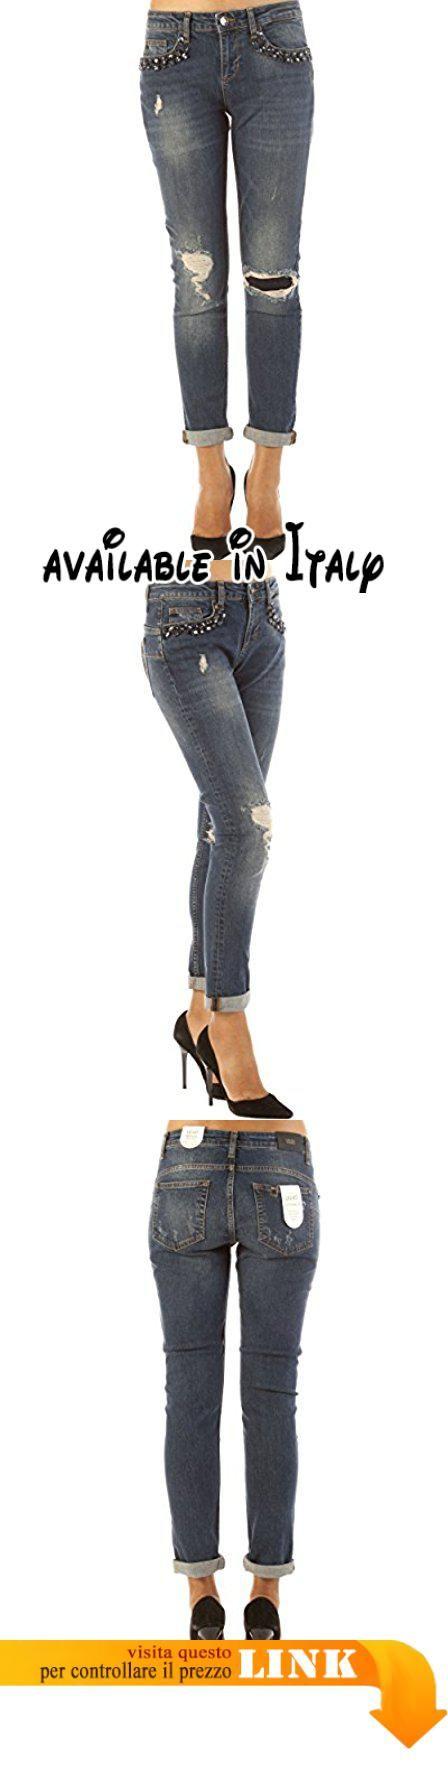 01d9225760 U67007d4118 blue 77515den B076jc5pdgLiu Neglilgé Jeans hQosBrCxtd